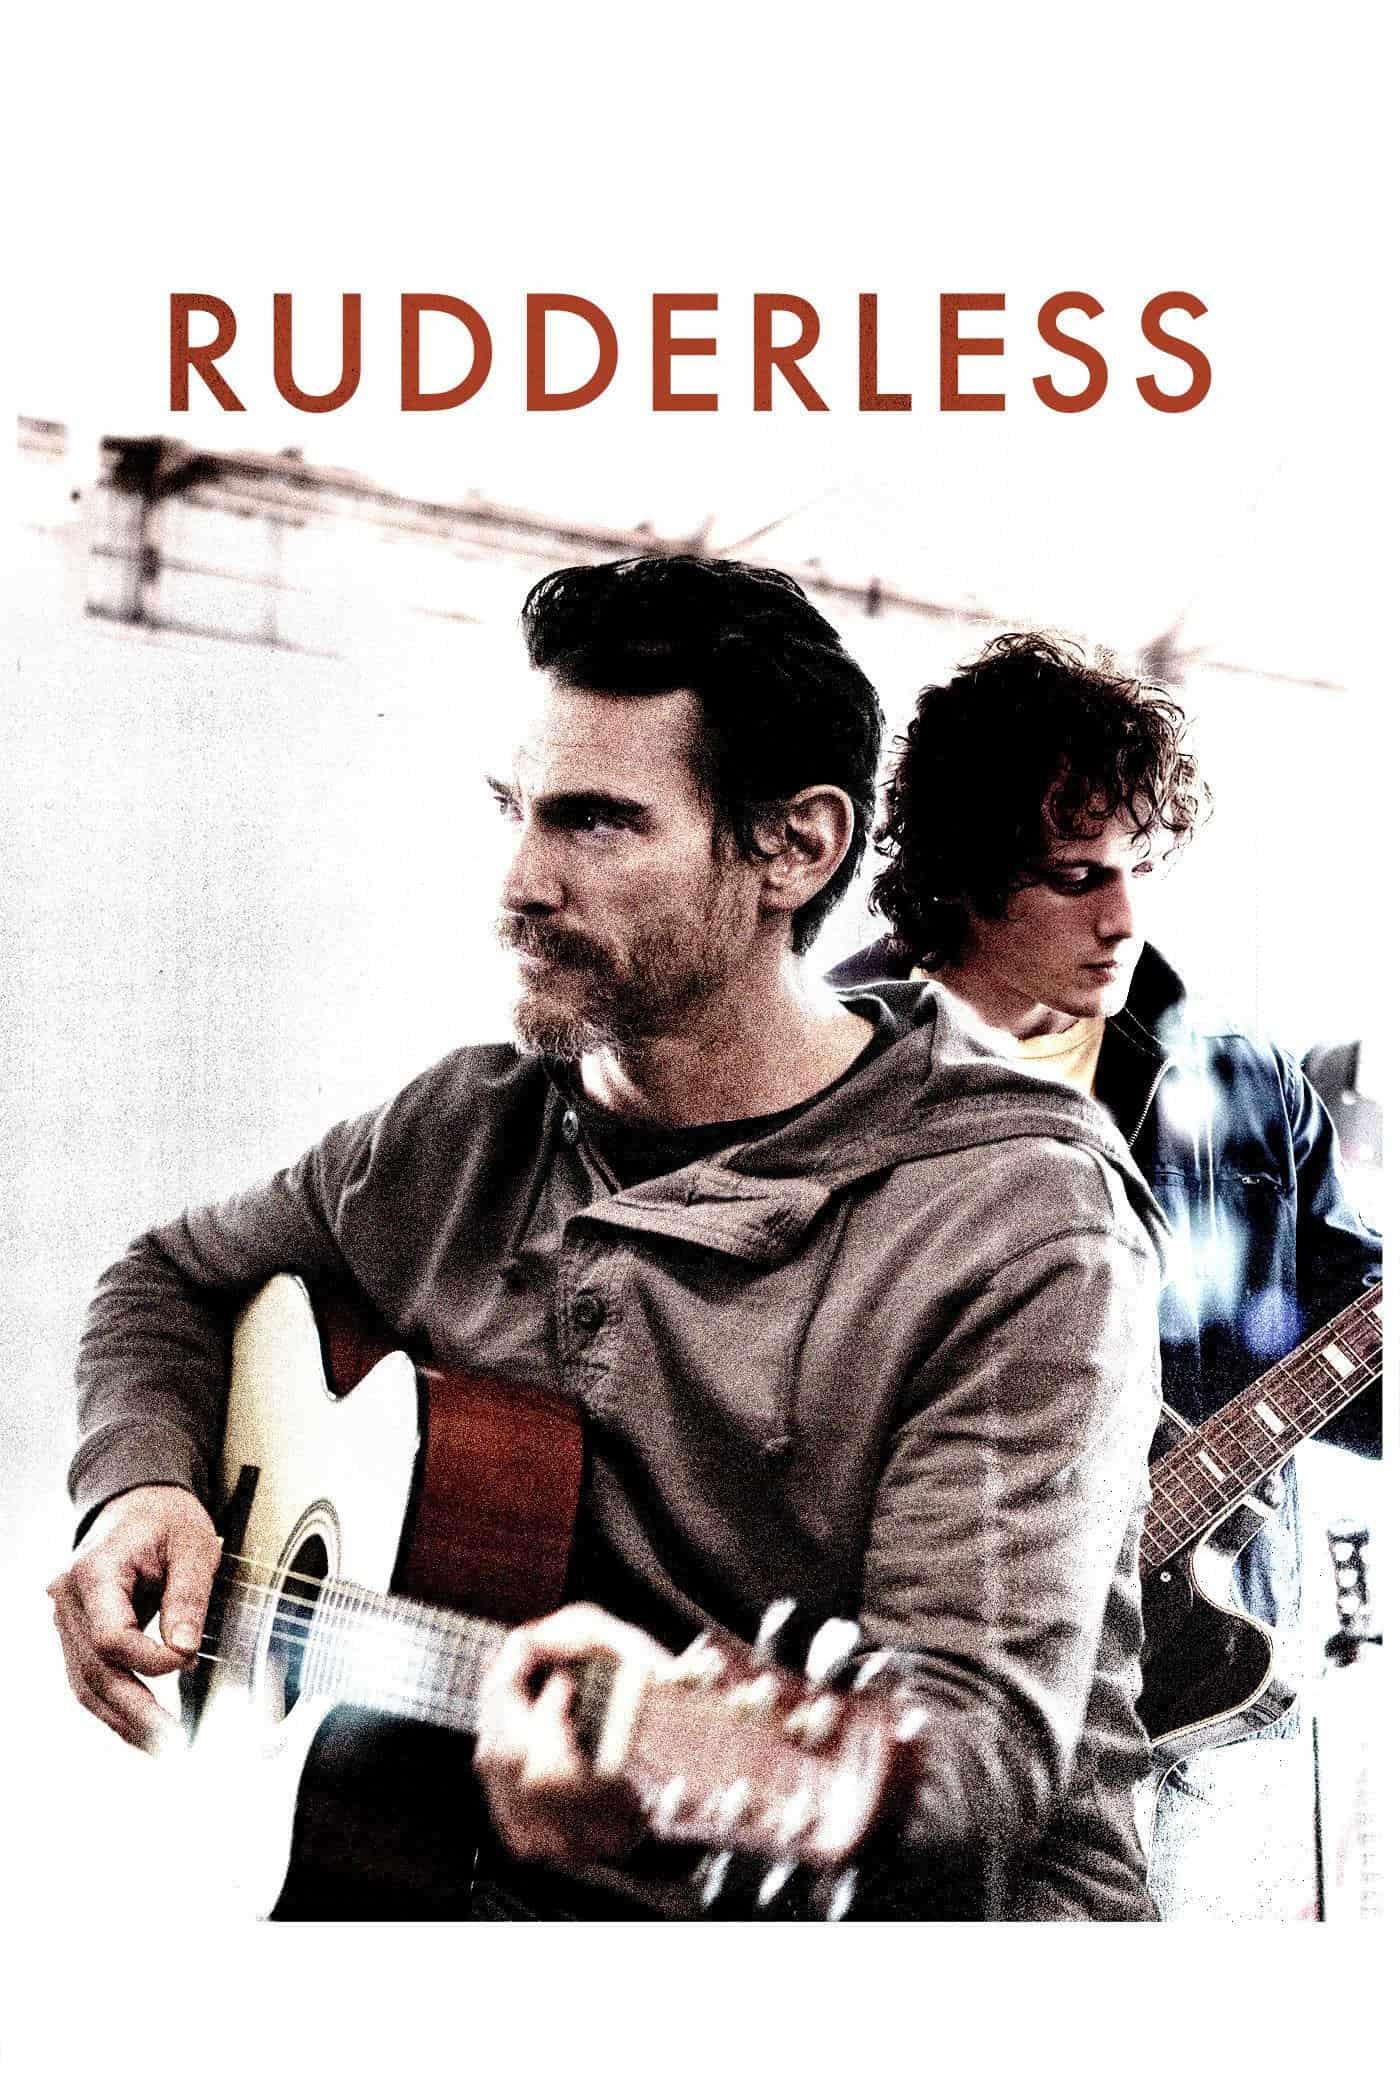 Rudderless, 2014